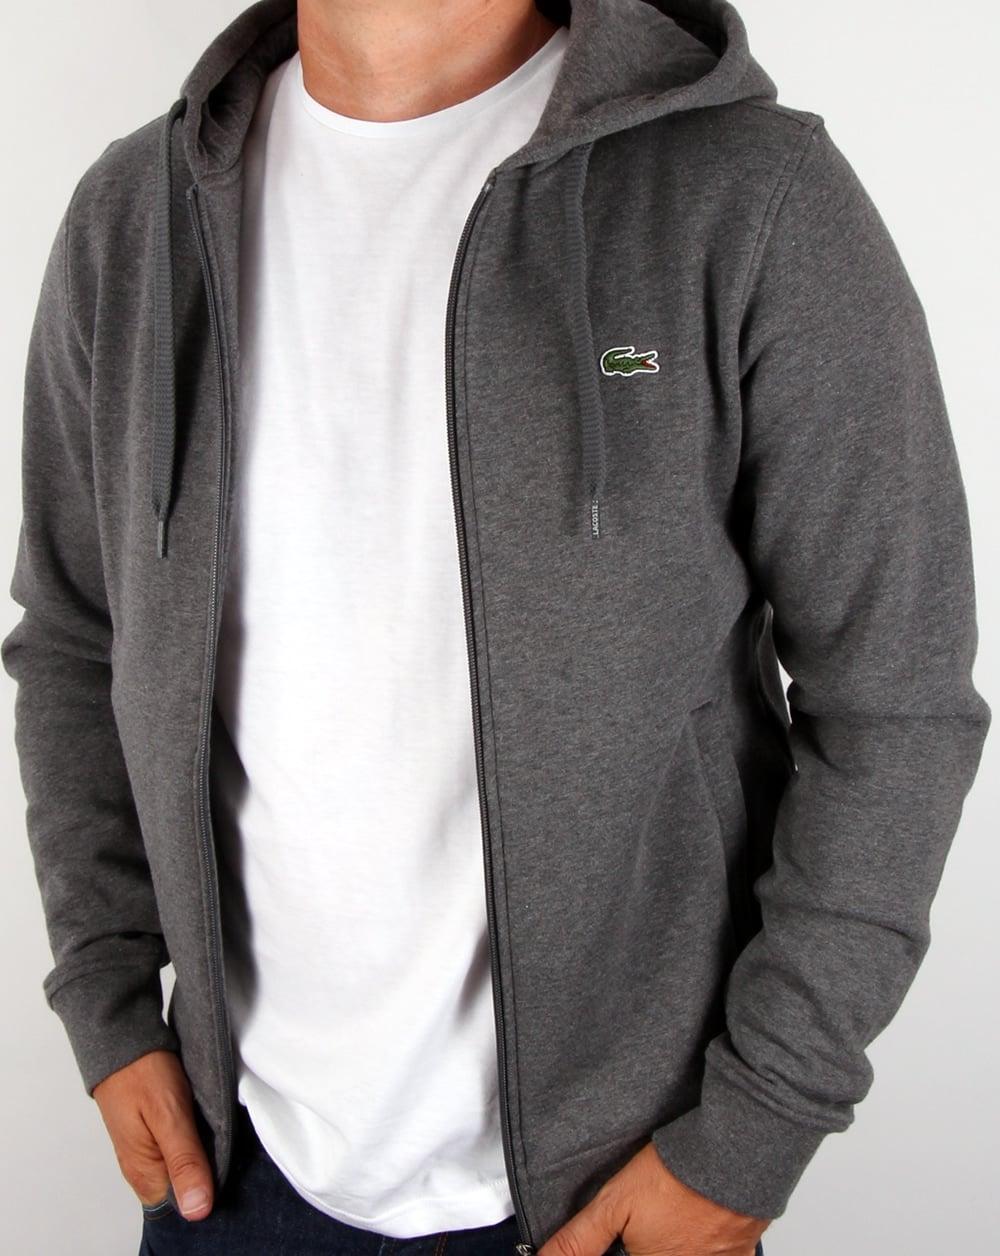 398e81370fd31d Lacoste Hooded Full Zip Sweatshirt Dark Grey